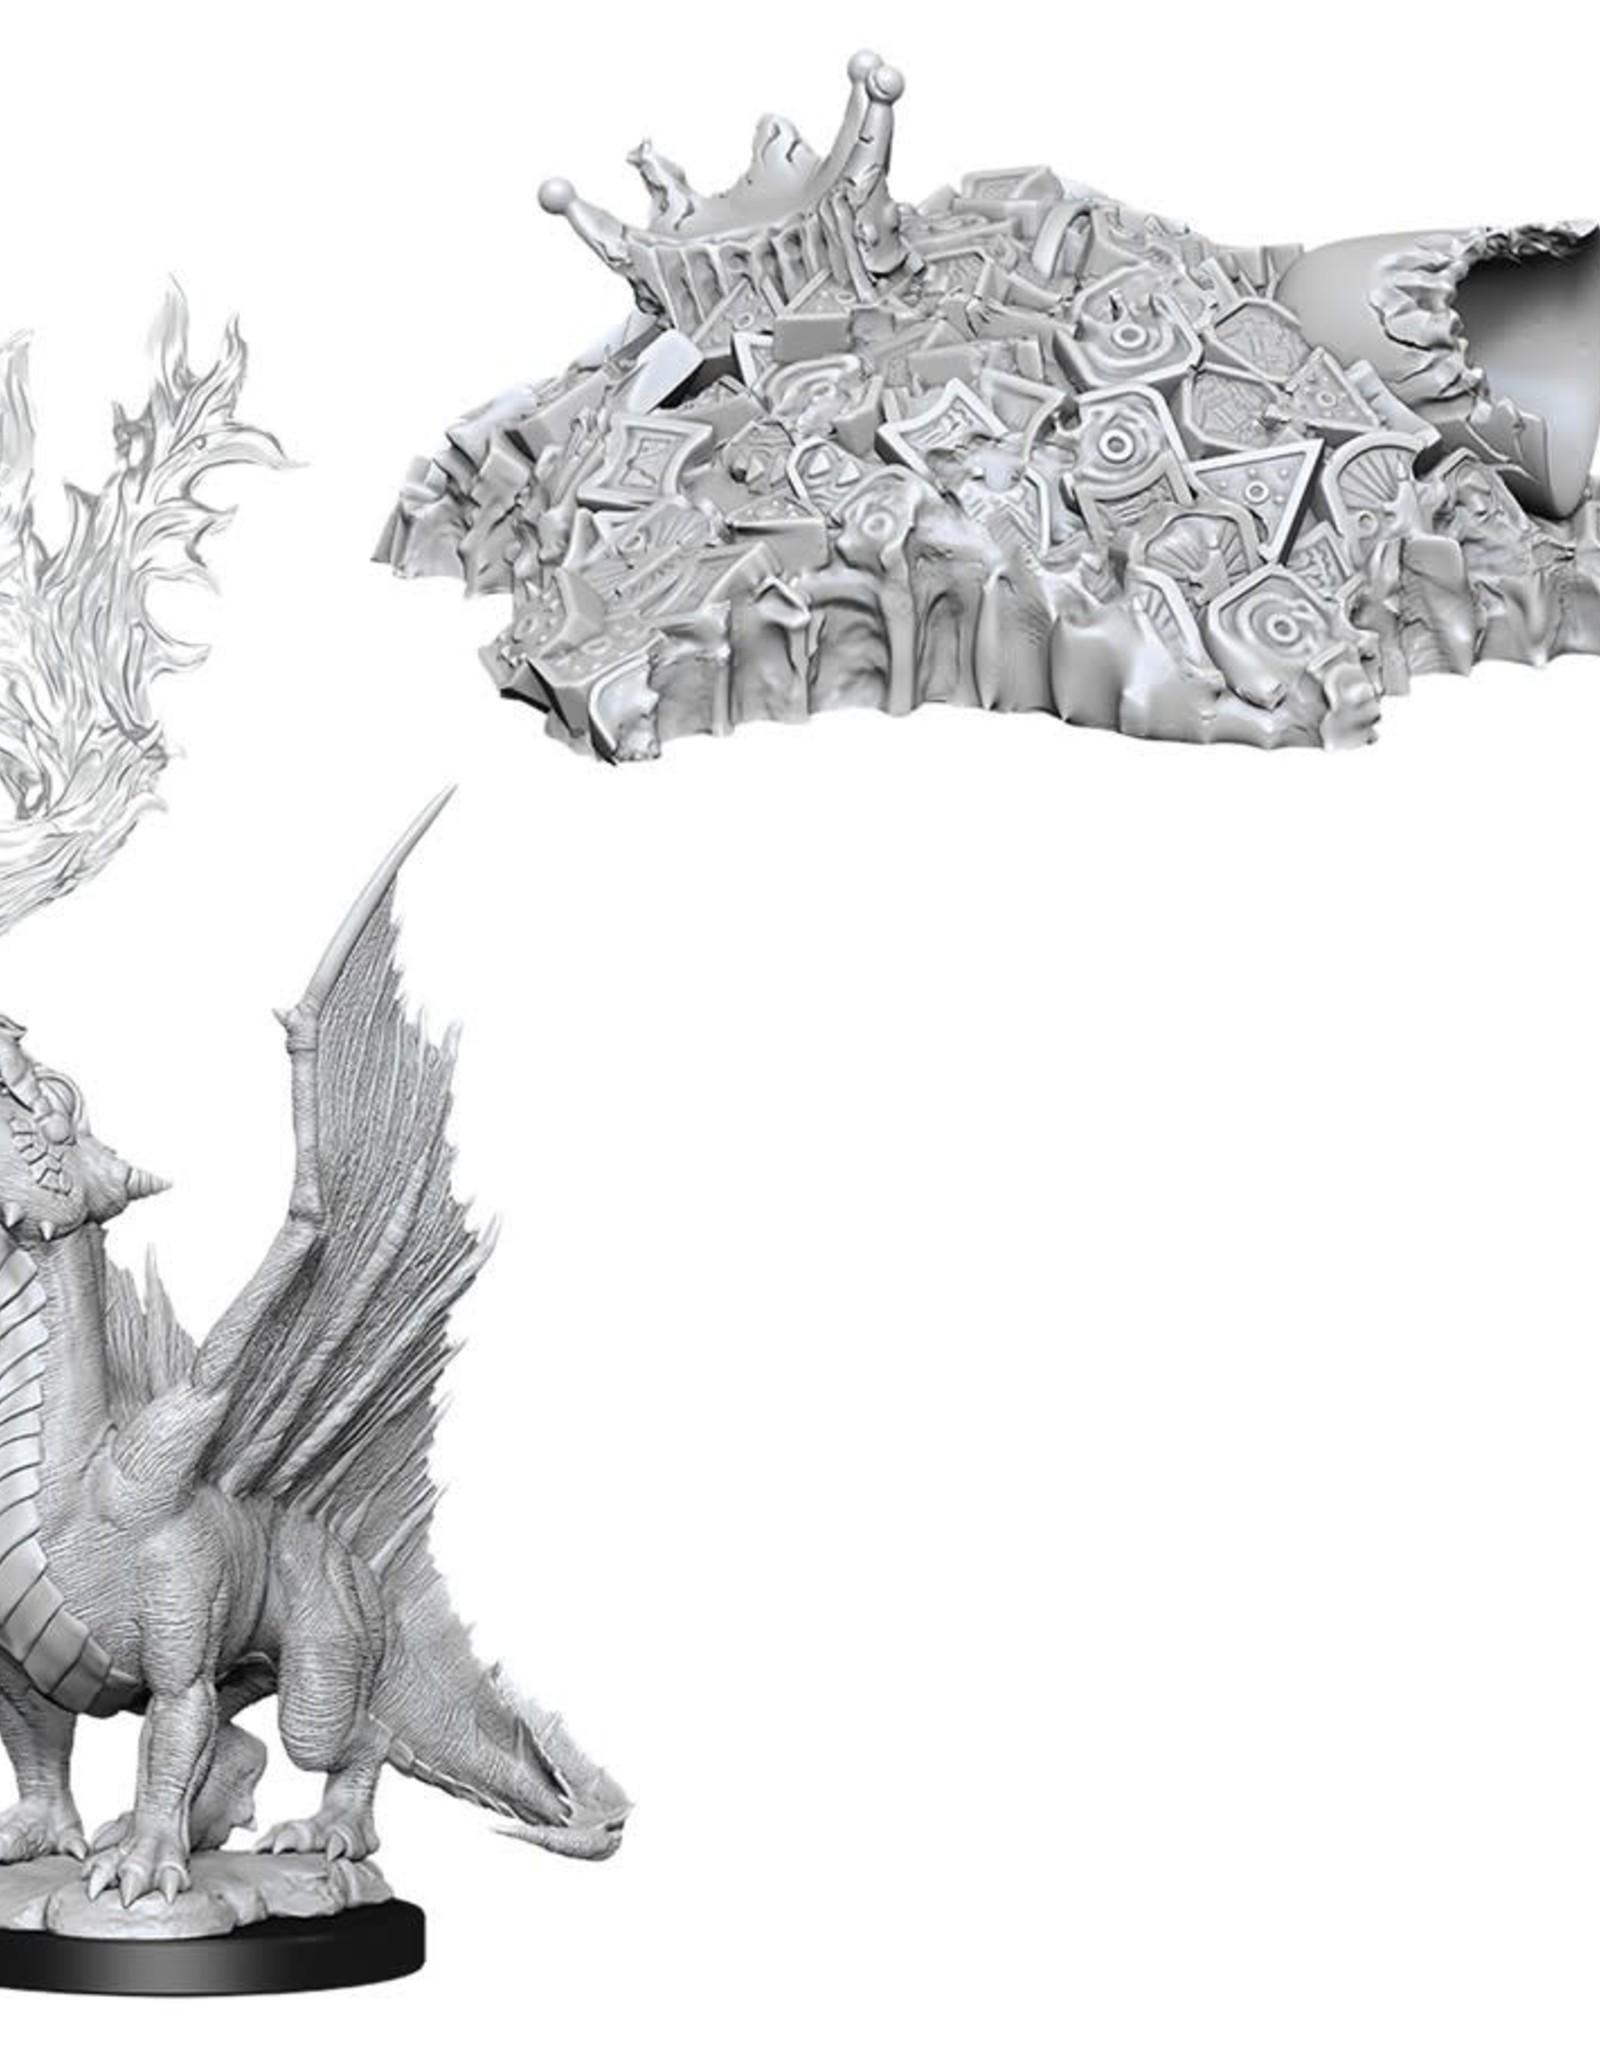 Wizkids D&D Nolzur's Unpainted Miniatures: Gold Dragon Wyrmling & Small Treasure Pile